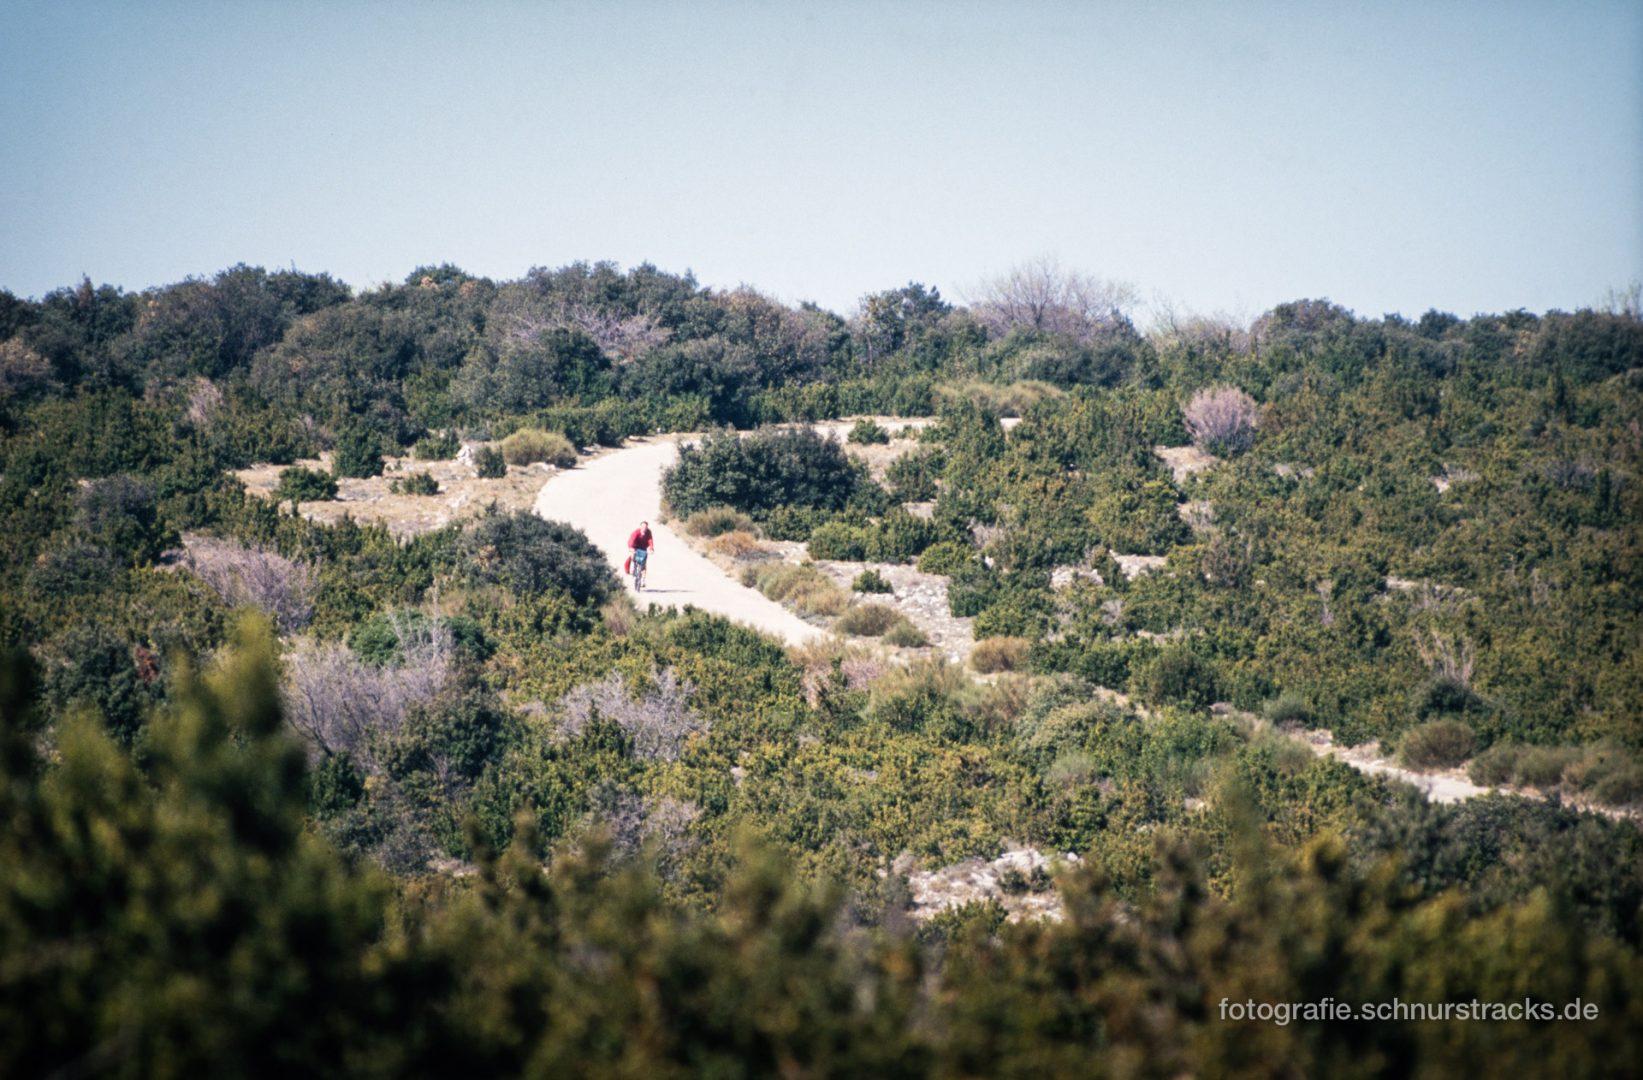 Foret des cedres Bonnieux - Provence